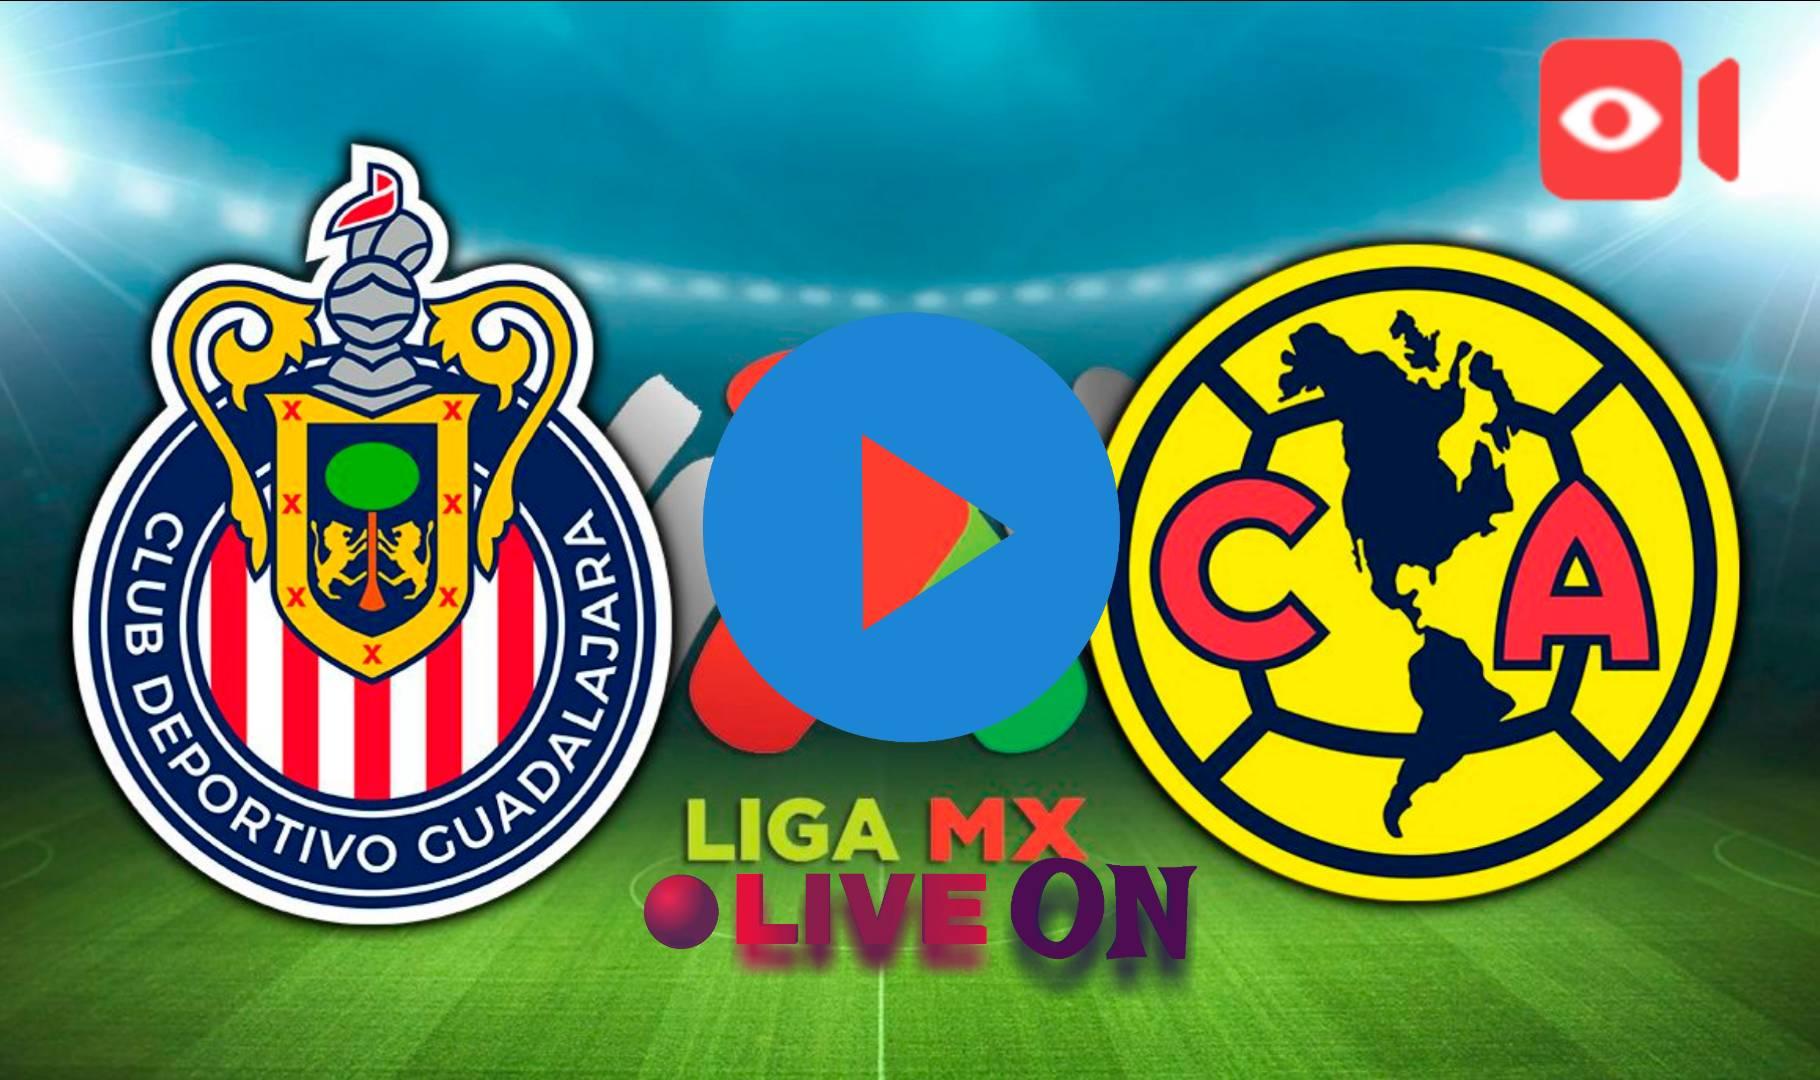 AQUI Chivas vs América: Fecha, hora y qué canal transmite EN DIRECTO el Clásico Nacional en Liguilla de Liga MX